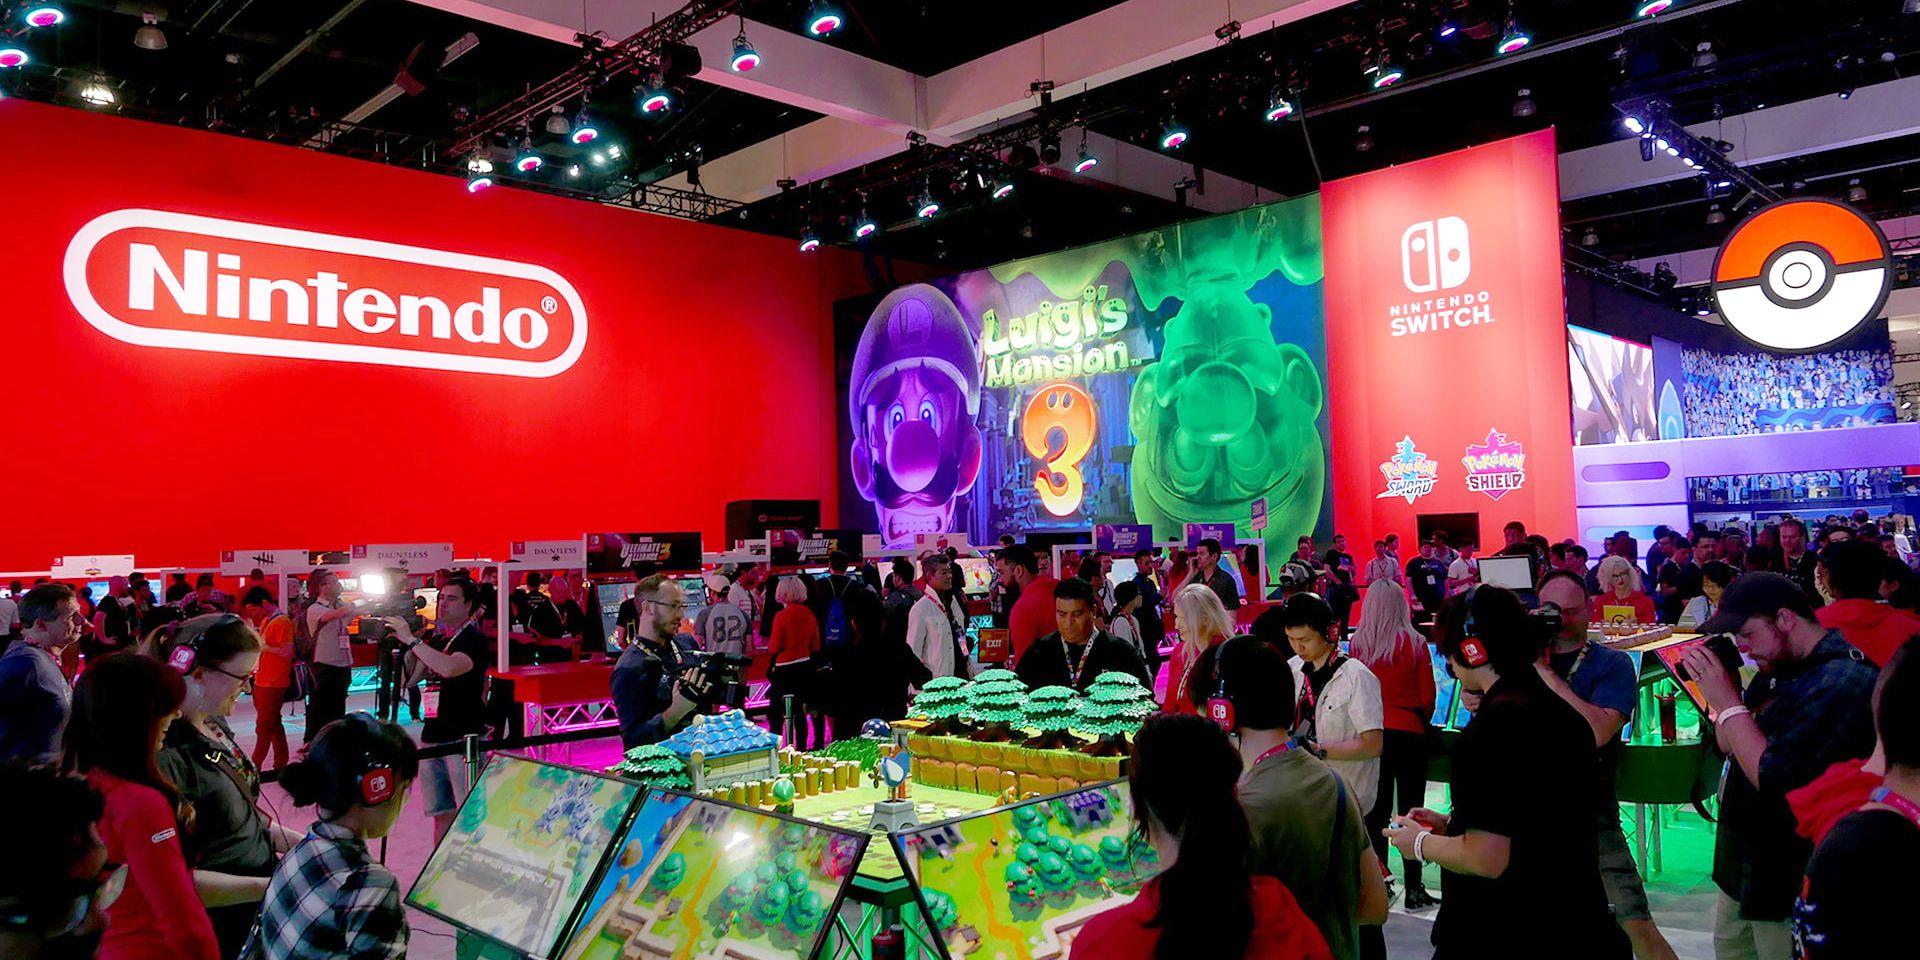 Museu de videogame 'Galeria Nintendo' anunciado no Japão 1